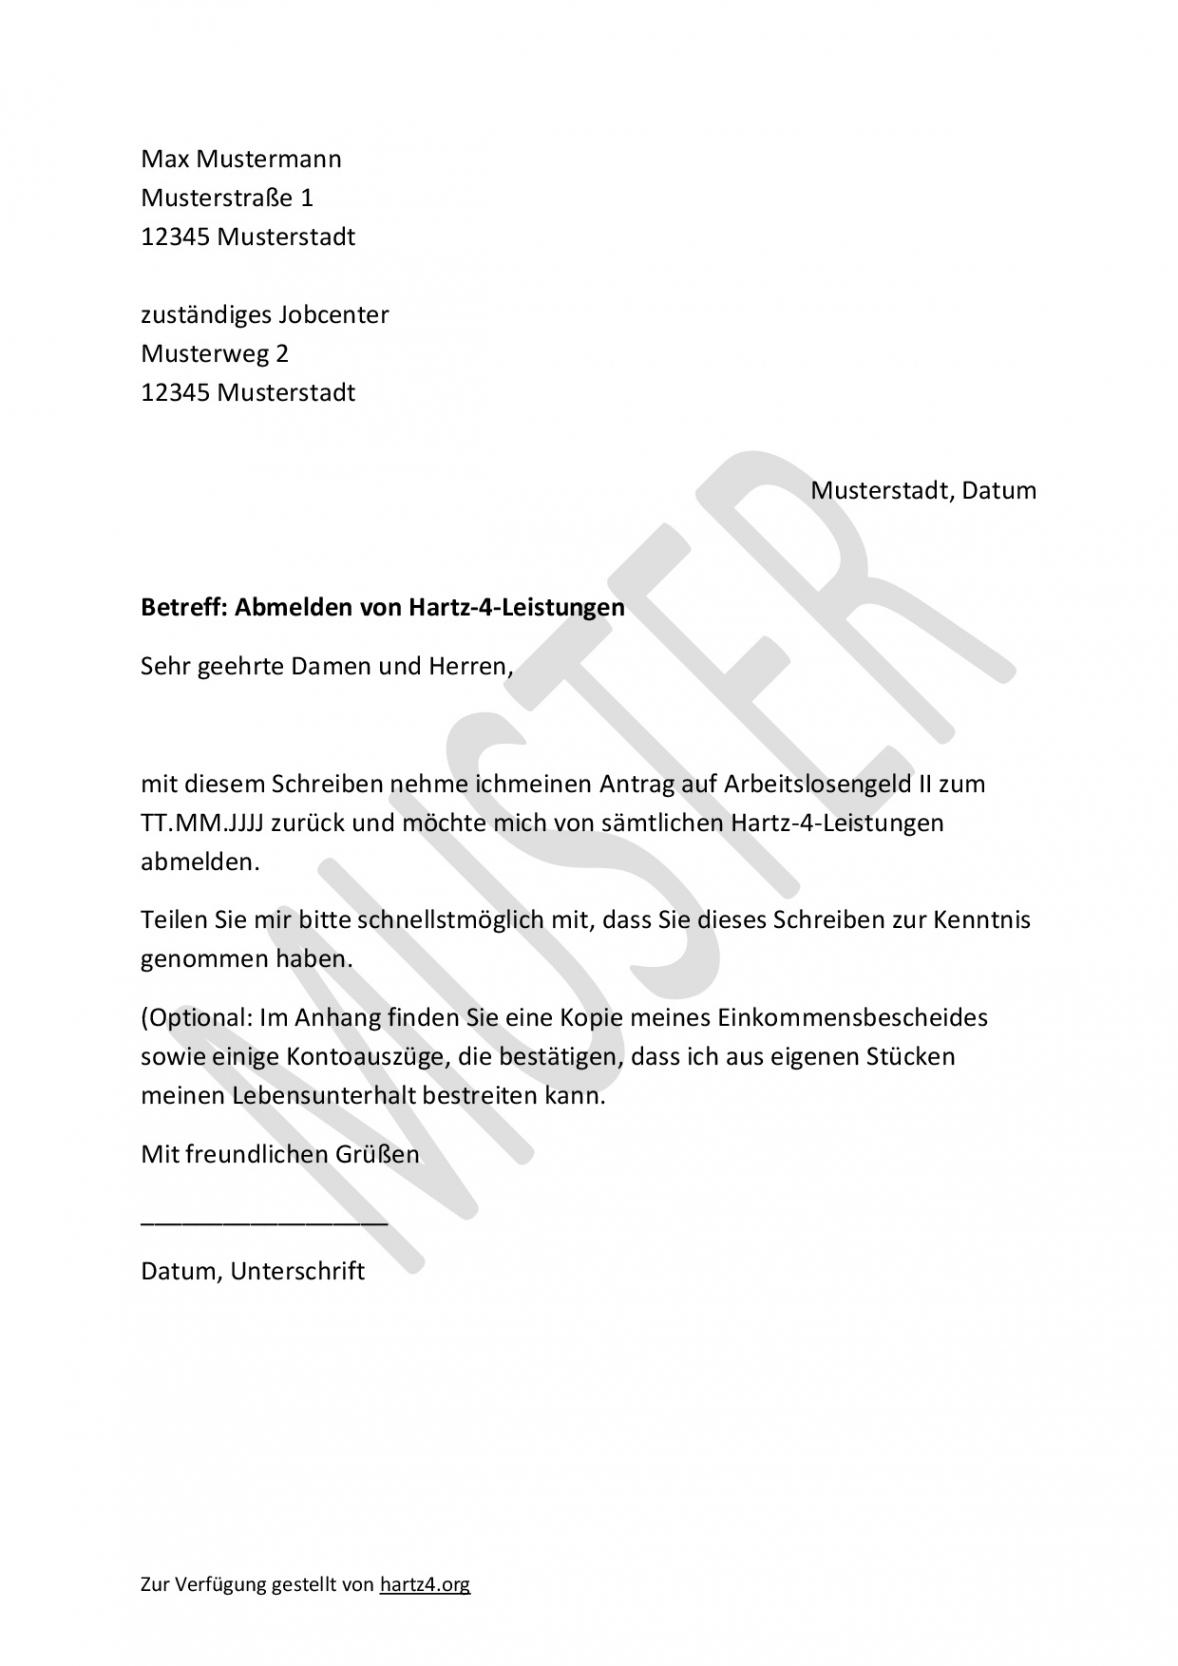 [%Eine Probe% Porbe ] vonHartz4Antrag: Muster Für Alle Belange  Hartz Iv & Alg 2 Vereinbarung Kostenübernahme Führerschein Vorlage